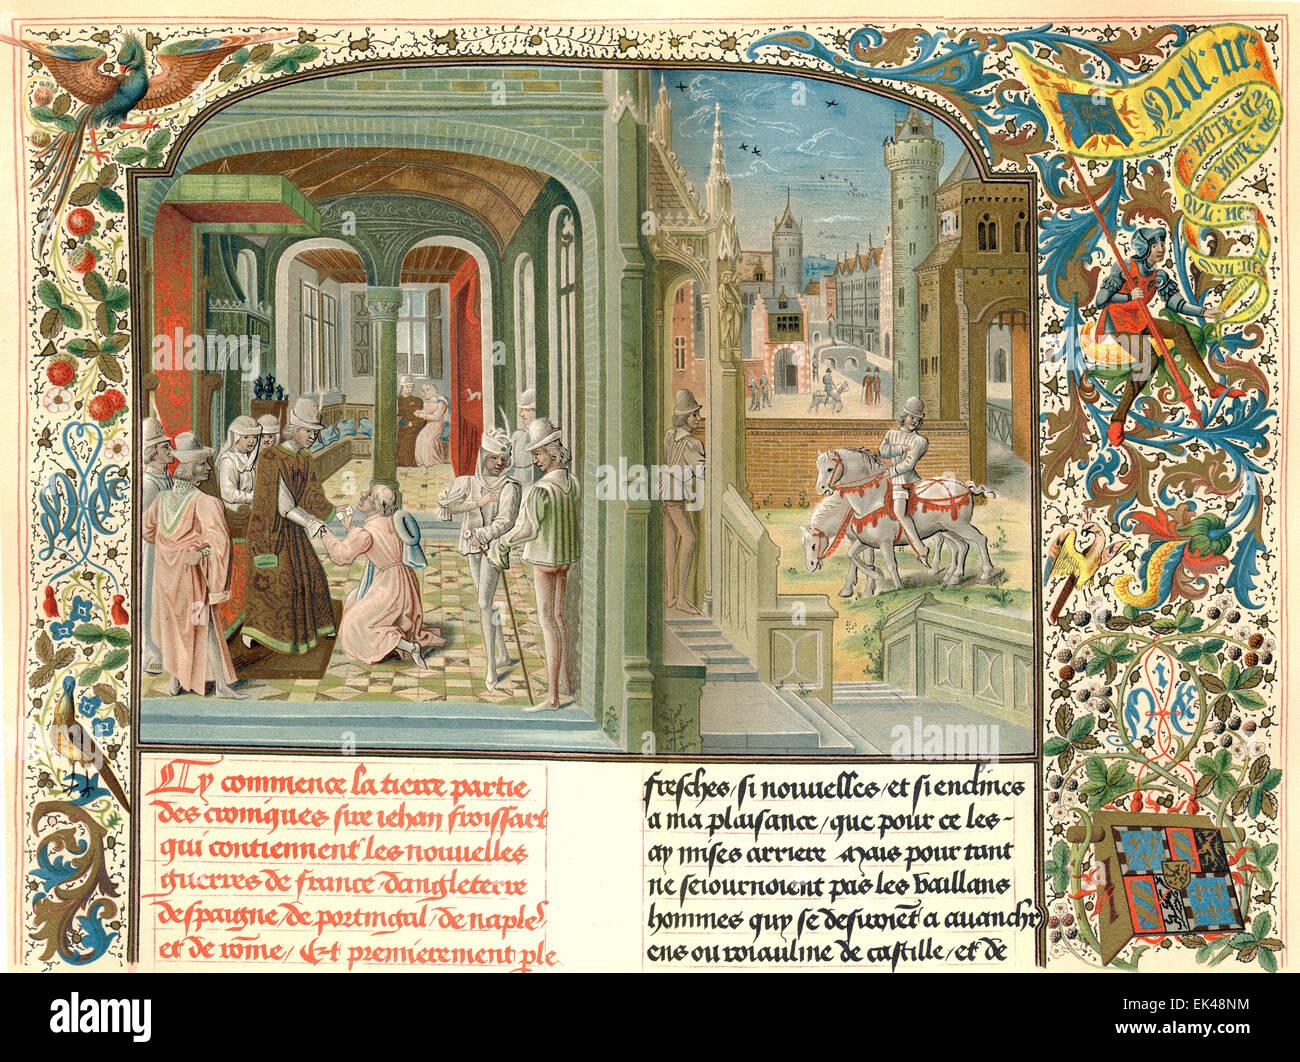 Jean Froissart est arrivée à la cour de Foix, par David Aubert, 1469, Photo Stock